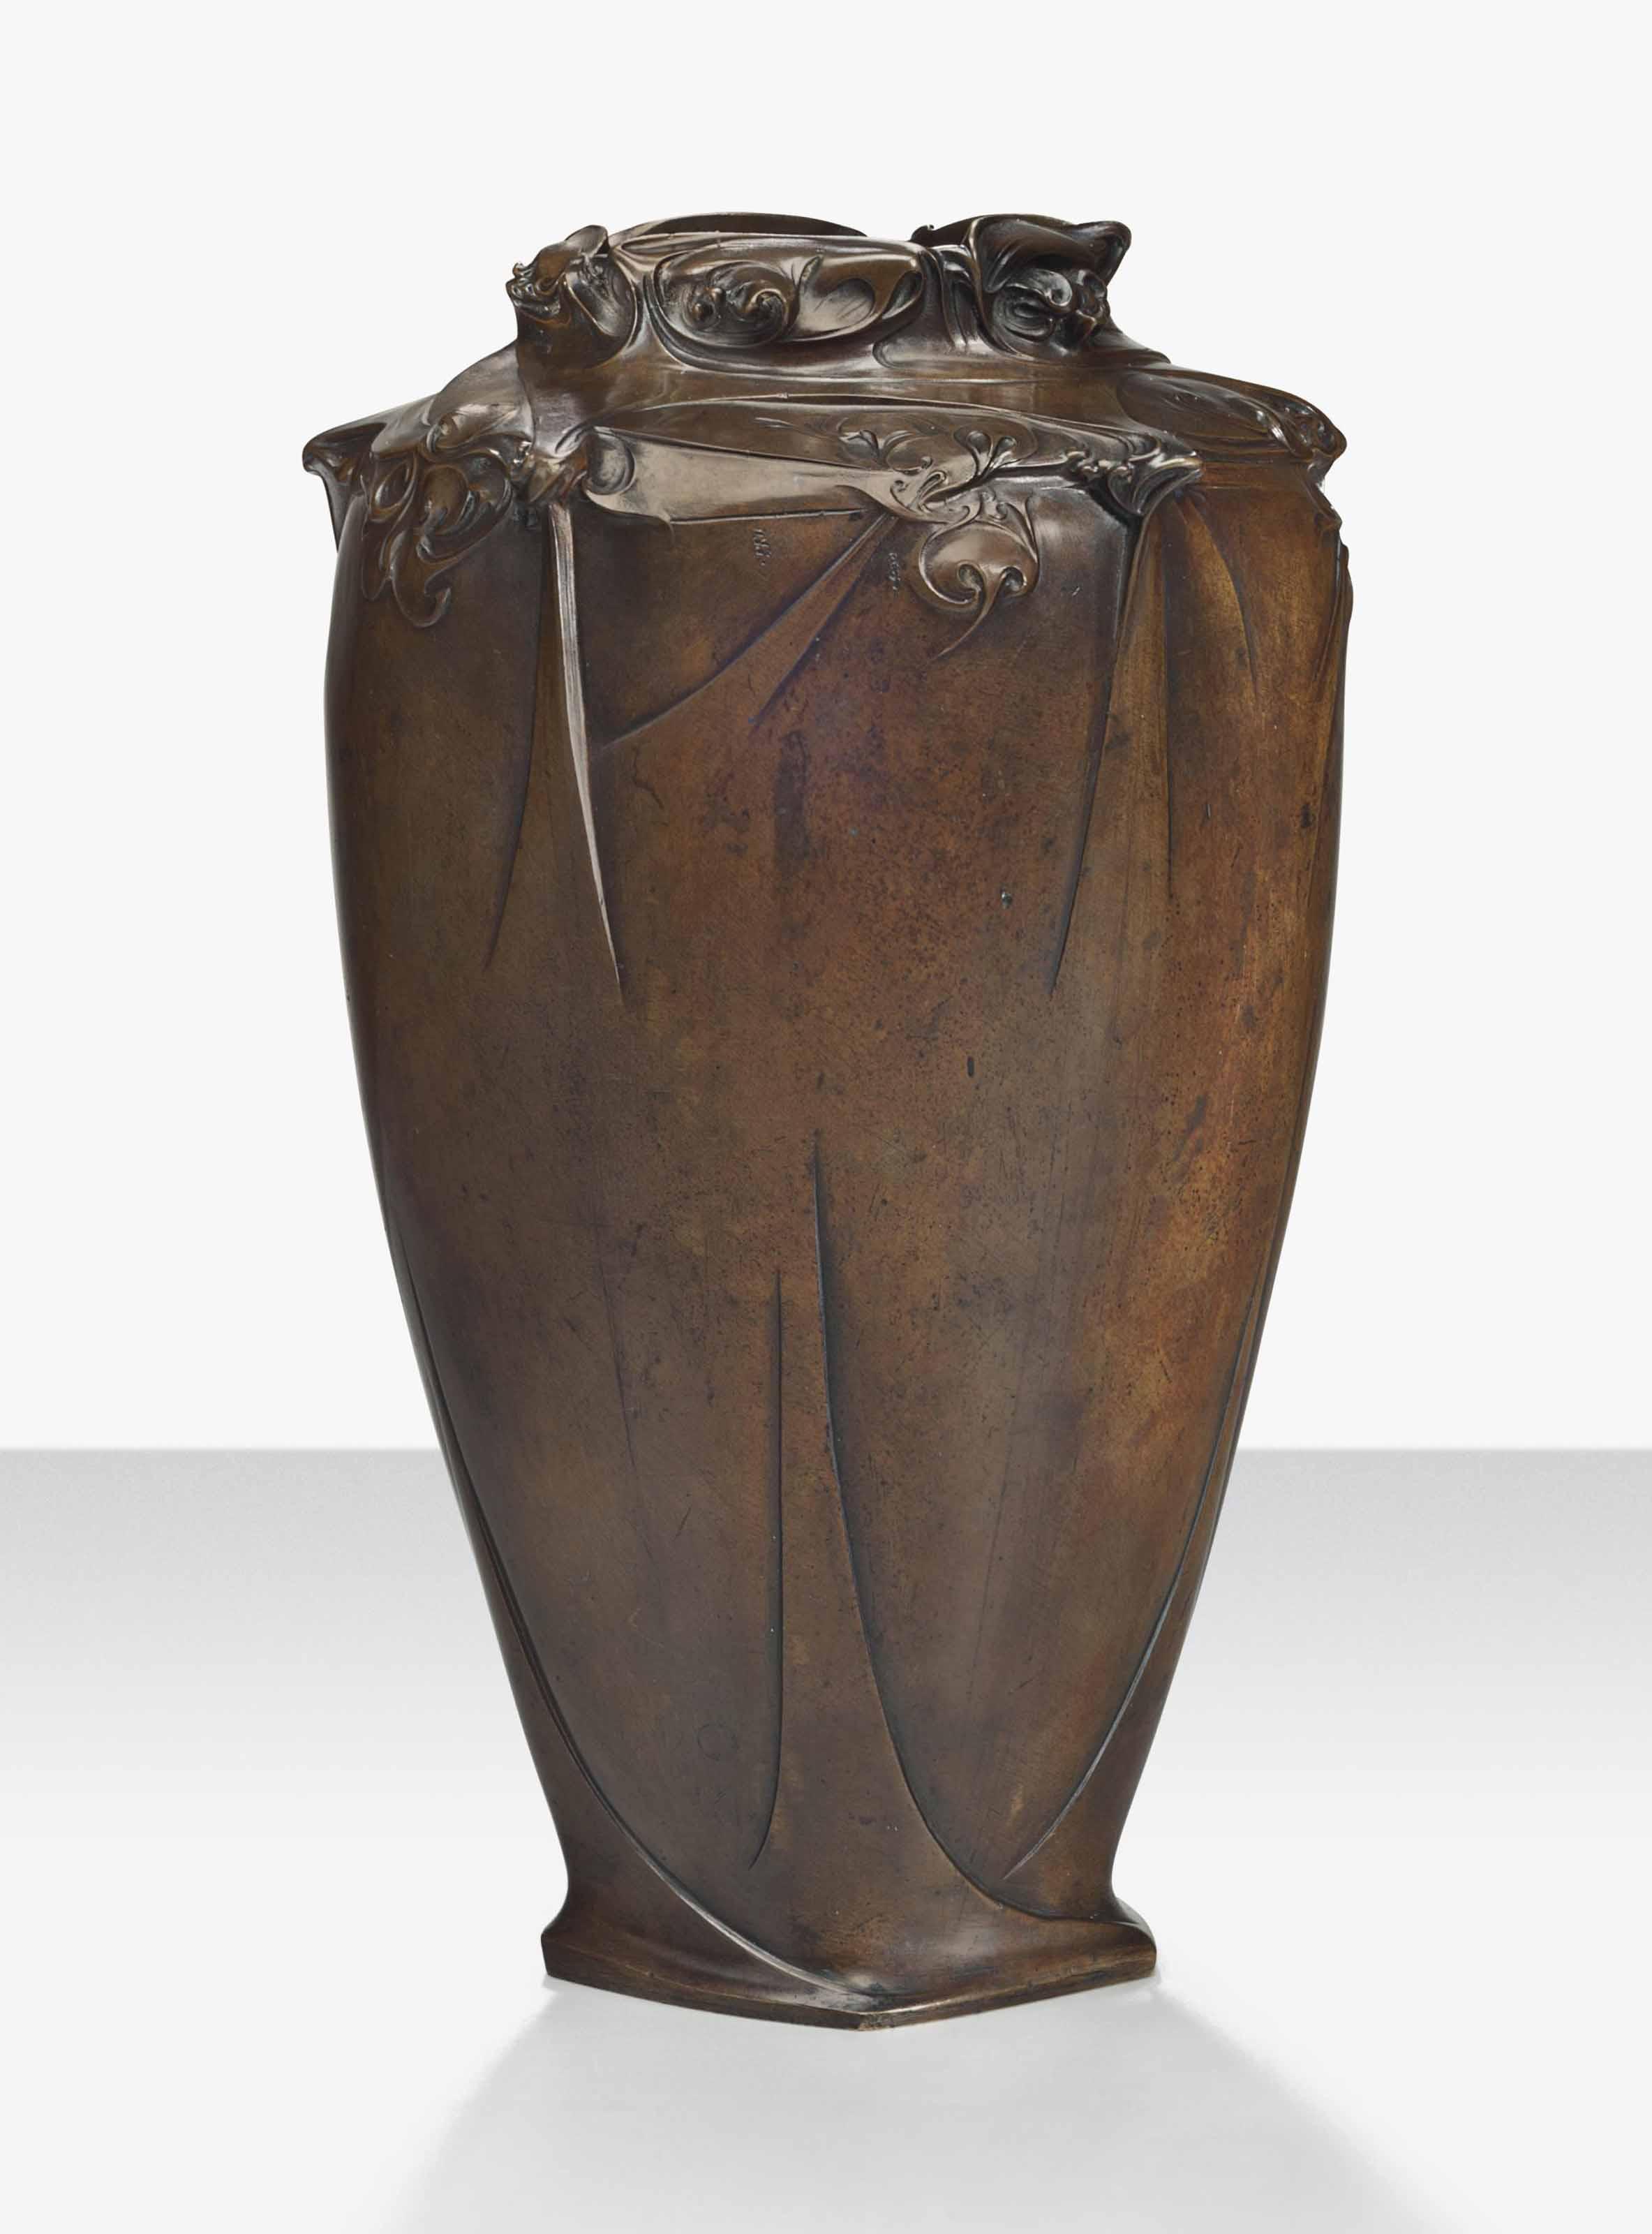 HECTOR GUIMARD (1867-1942)